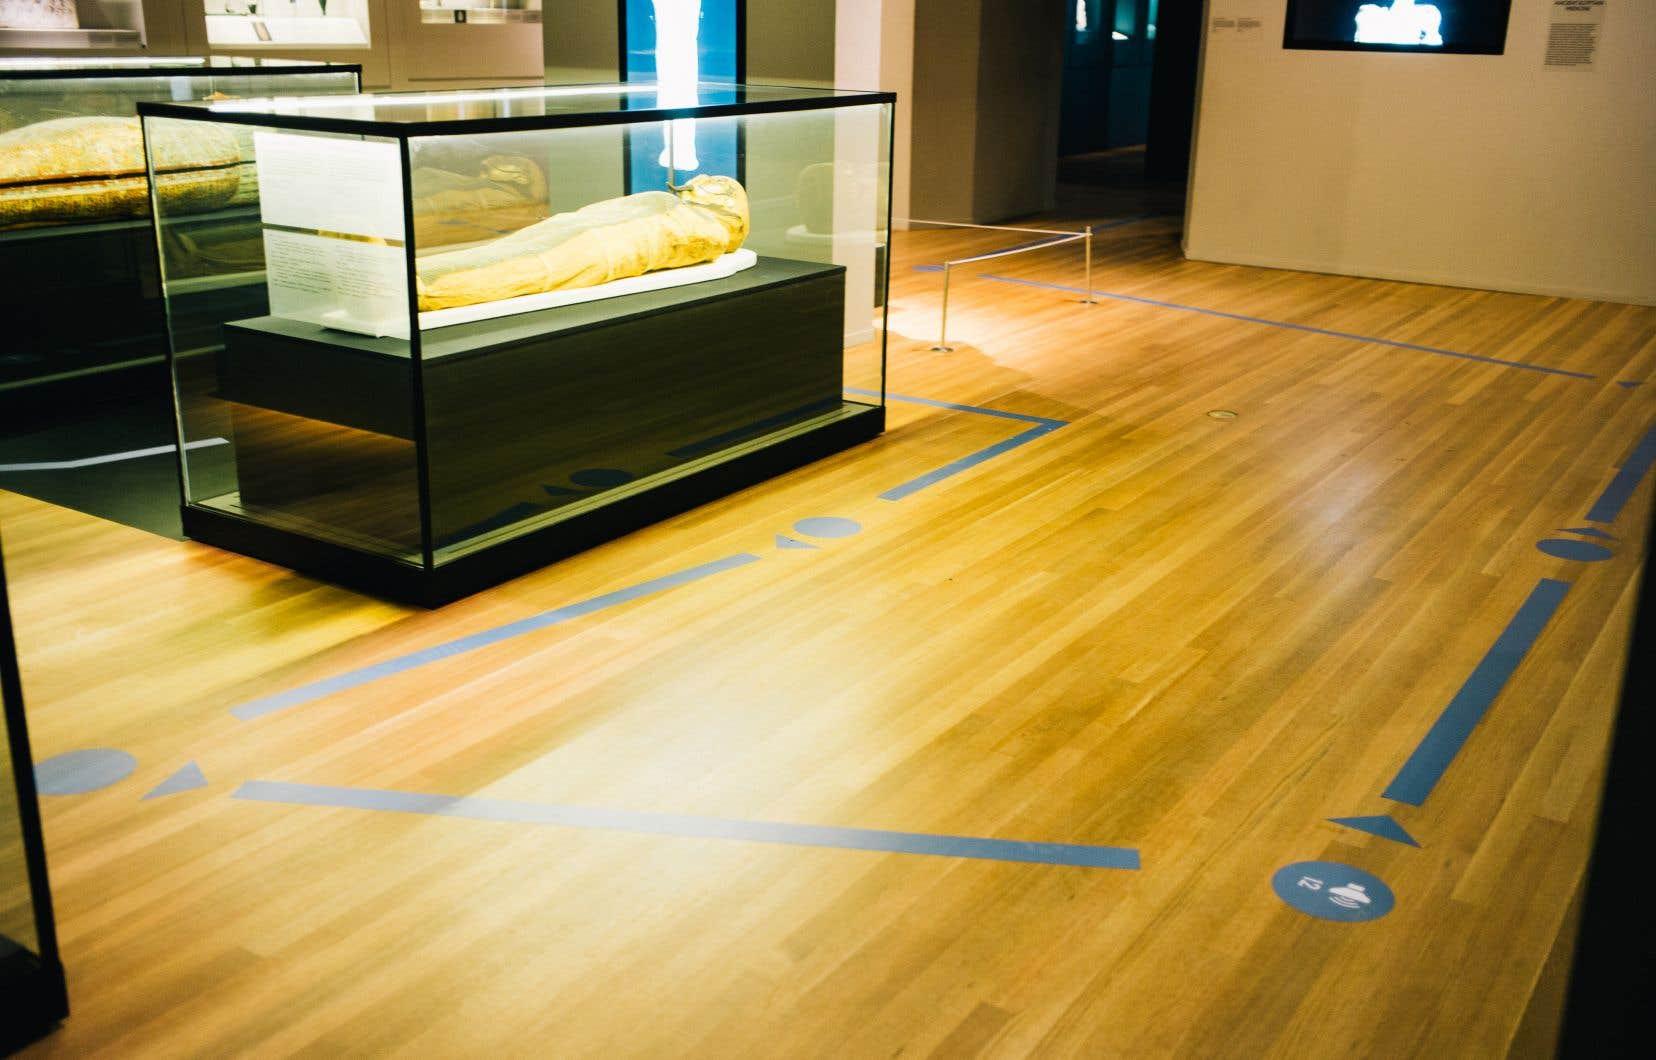 Au Musée des beaux-arts de Montréal, des flèches et des pastilles indiquent, tous les deux mètres, où poser les pieds et où attendre.